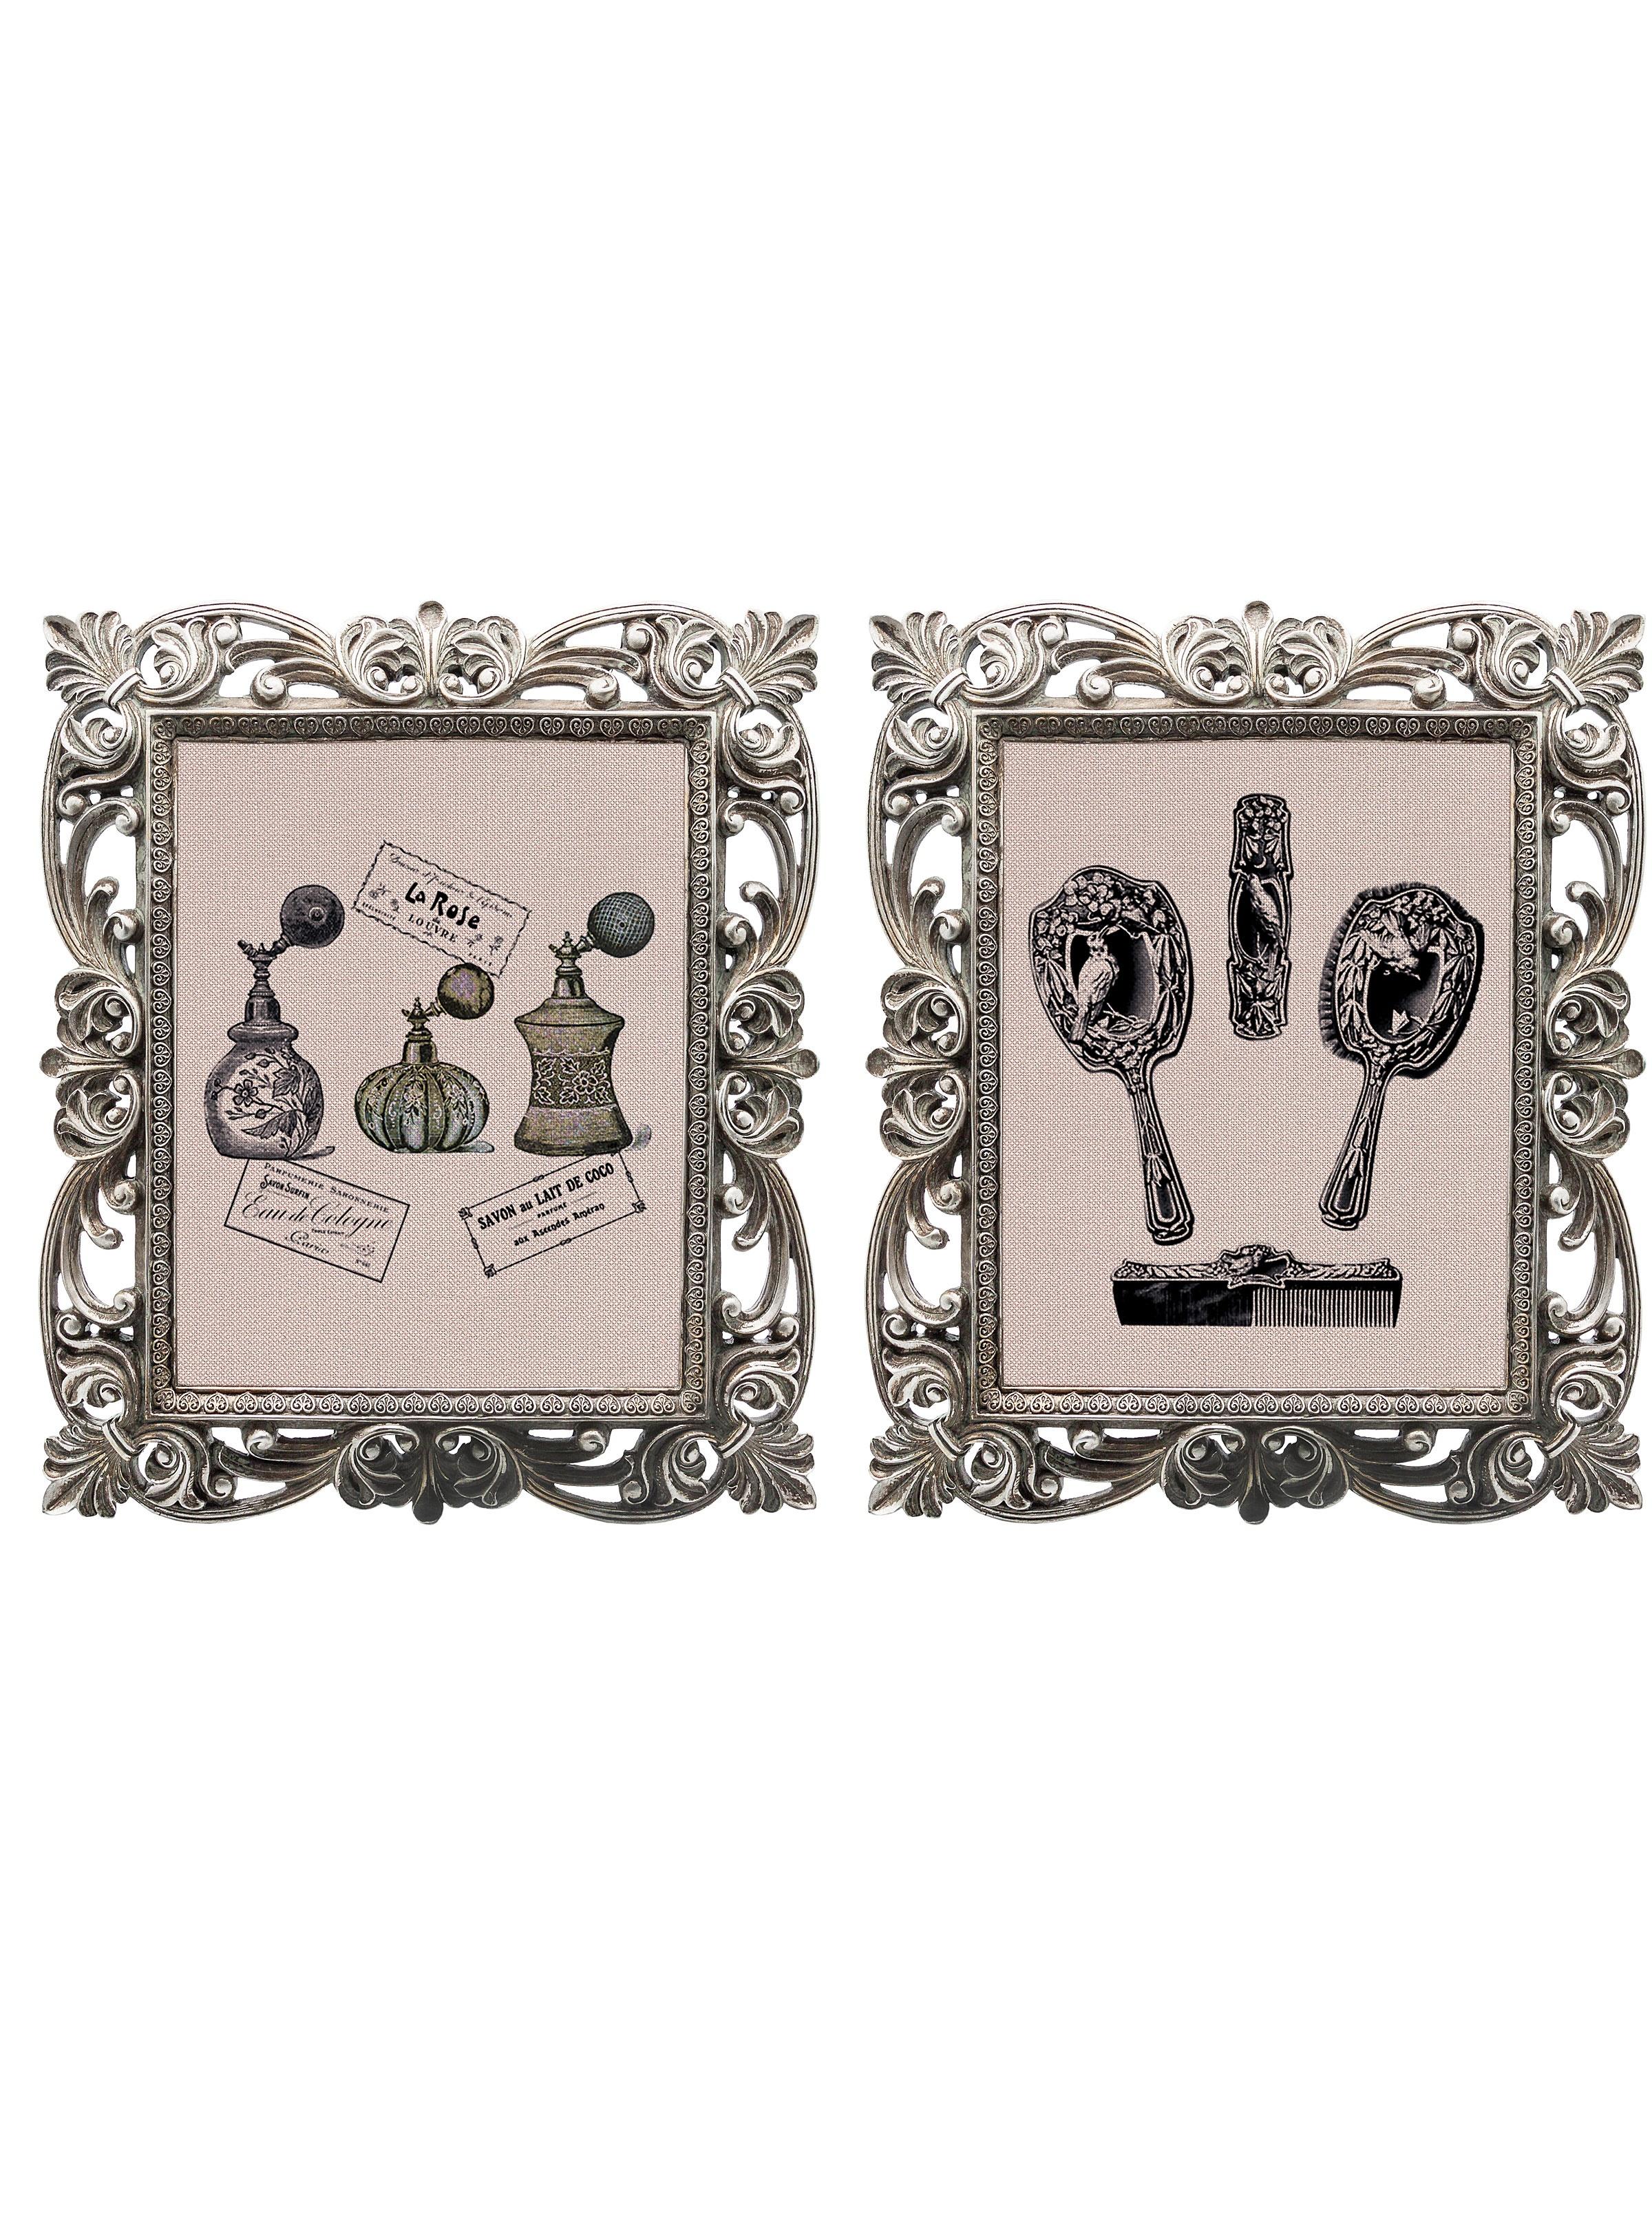 Набор из двух репродукций старинных картин в раме Беатрис. Дамские штучкиКартины<br>&amp;lt;div&amp;gt;Приятно приходить в дом, в котором каждый уголок уютен и очарователен. Уникальные старинные гравюры «Дамские штучки» в окружении изящных рам создают особую романтическую атмосферу. Изображения завораживают и погружают в магическую атмосферу таинства. Пусть ваш дом наполнится чудесами! Искусная техника состаривания придает рамам особую теплоту и винтажность. Благородная патина на поверхности рам — интригующее приглашение к прогулке в мир старинных реликвий! Картины можно повесить на стену, а можно поставить, например, на стол или камин. Если Вам захочется обновить интерьер, Вы можете с легкостью заменить изображение картин!&amp;lt;/div&amp;gt;&amp;lt;div&amp;gt;&amp;lt;br&amp;gt;&amp;lt;/div&amp;gt;&amp;lt;div&amp;gt;Изображение - дизайнерская бумага; рама - искуственный камень; защитный слой - стекло &amp;amp;nbsp;&amp;amp;nbsp;&amp;lt;/div&amp;gt;&amp;lt;div&amp;gt;цвет:мультиколор&amp;amp;nbsp;&amp;lt;/div&amp;gt;<br><br>Material: Бумага<br>Width см: 30<br>Depth см: 2,3<br>Height см: 35